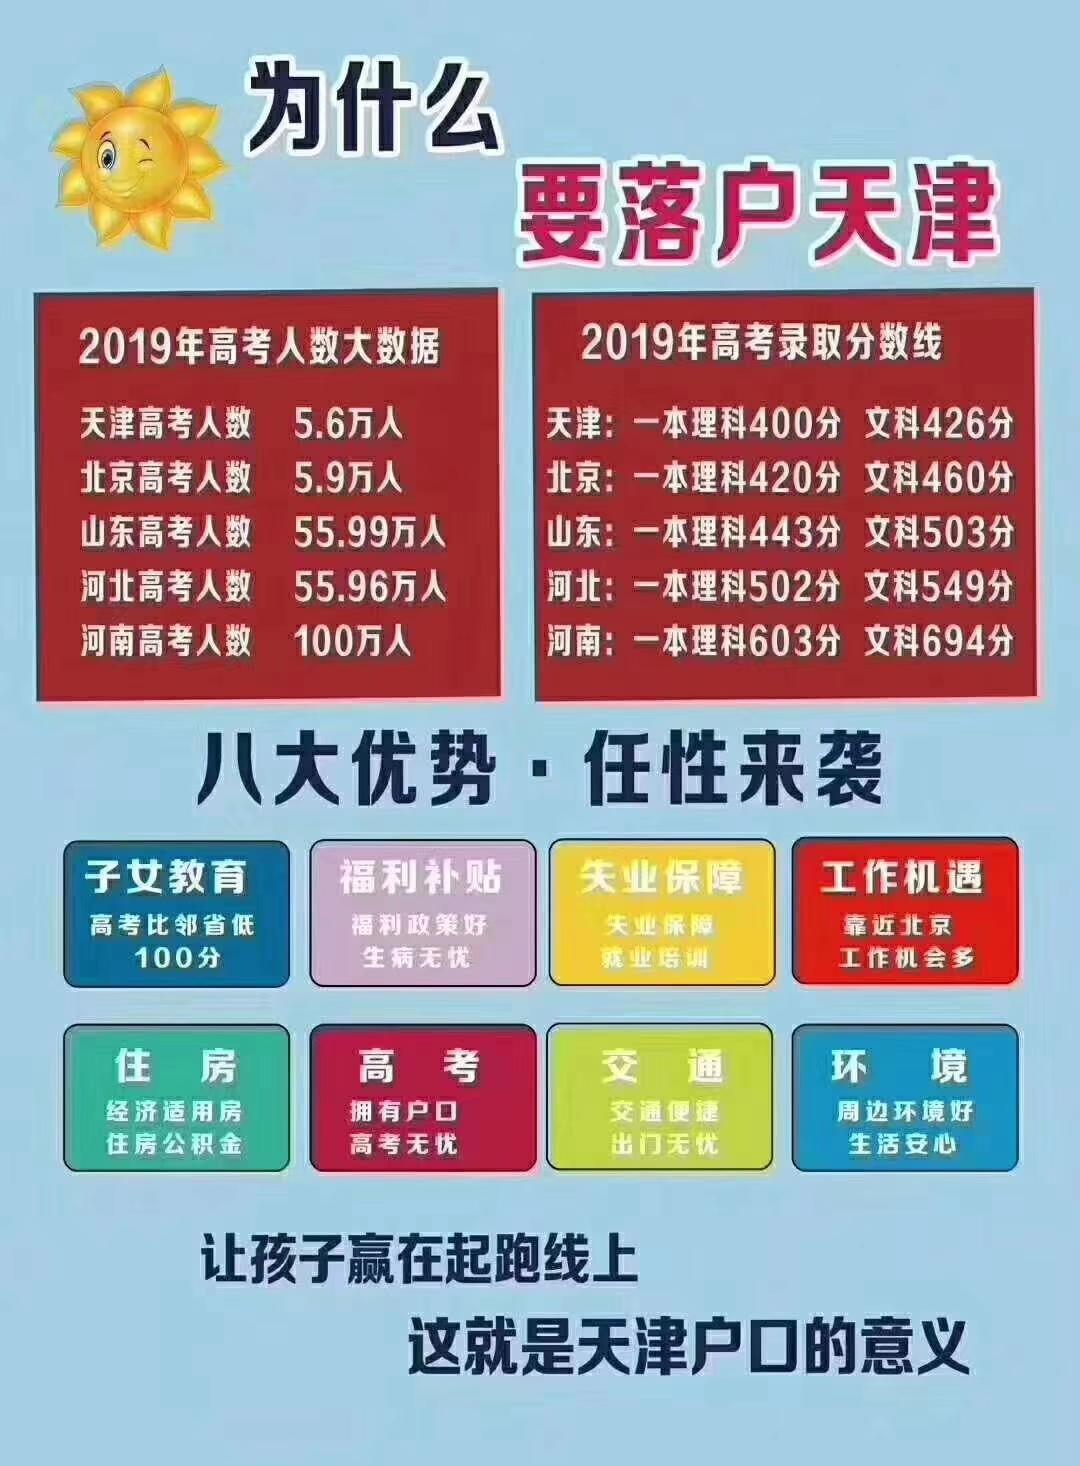 武清公司注册_武清注册公司流程费用_公司代办费用_工商注册流程